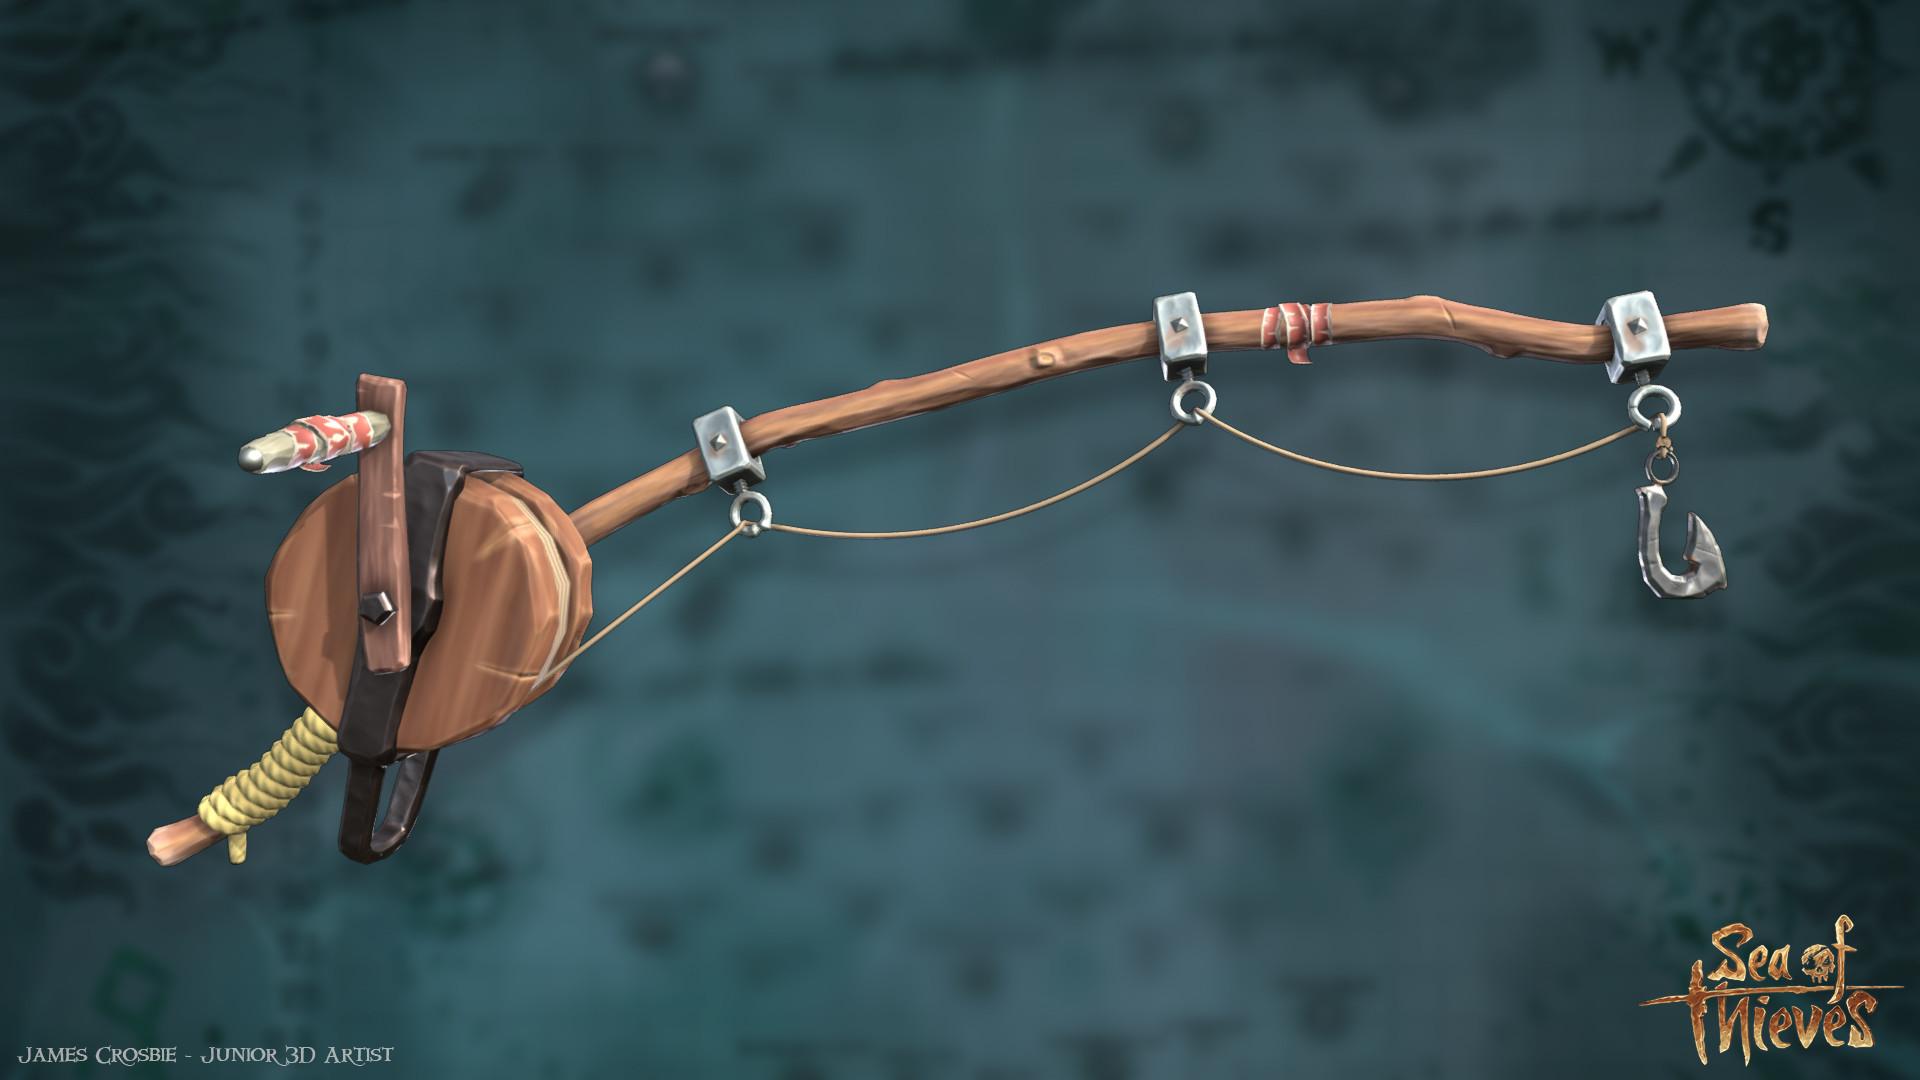 james-crosbie-fishingrod01model.jpg